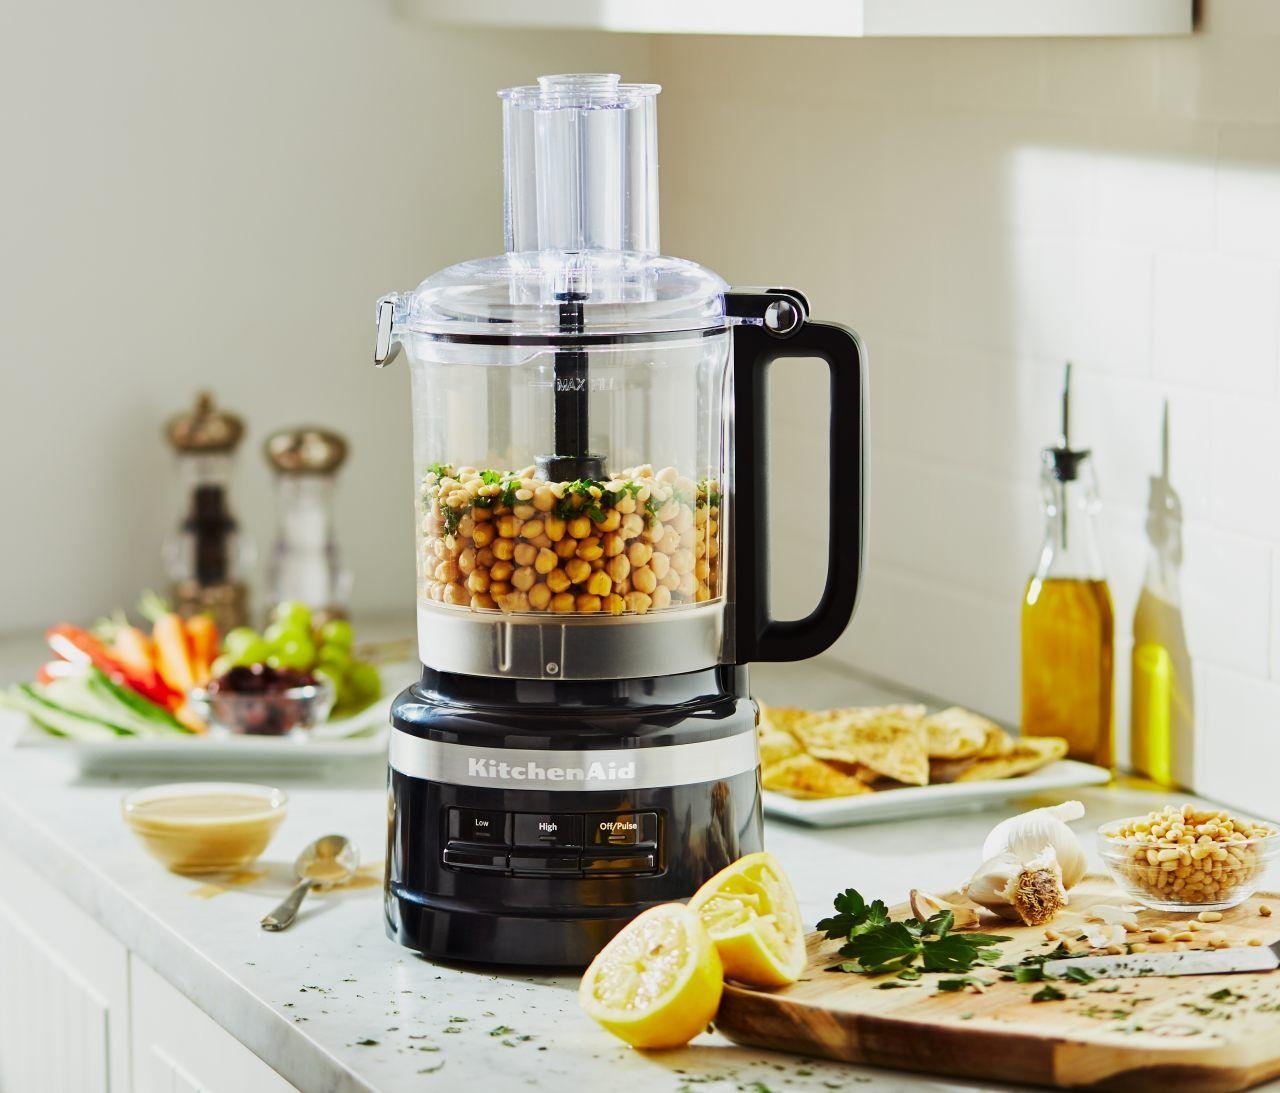 A 9 cup food processor